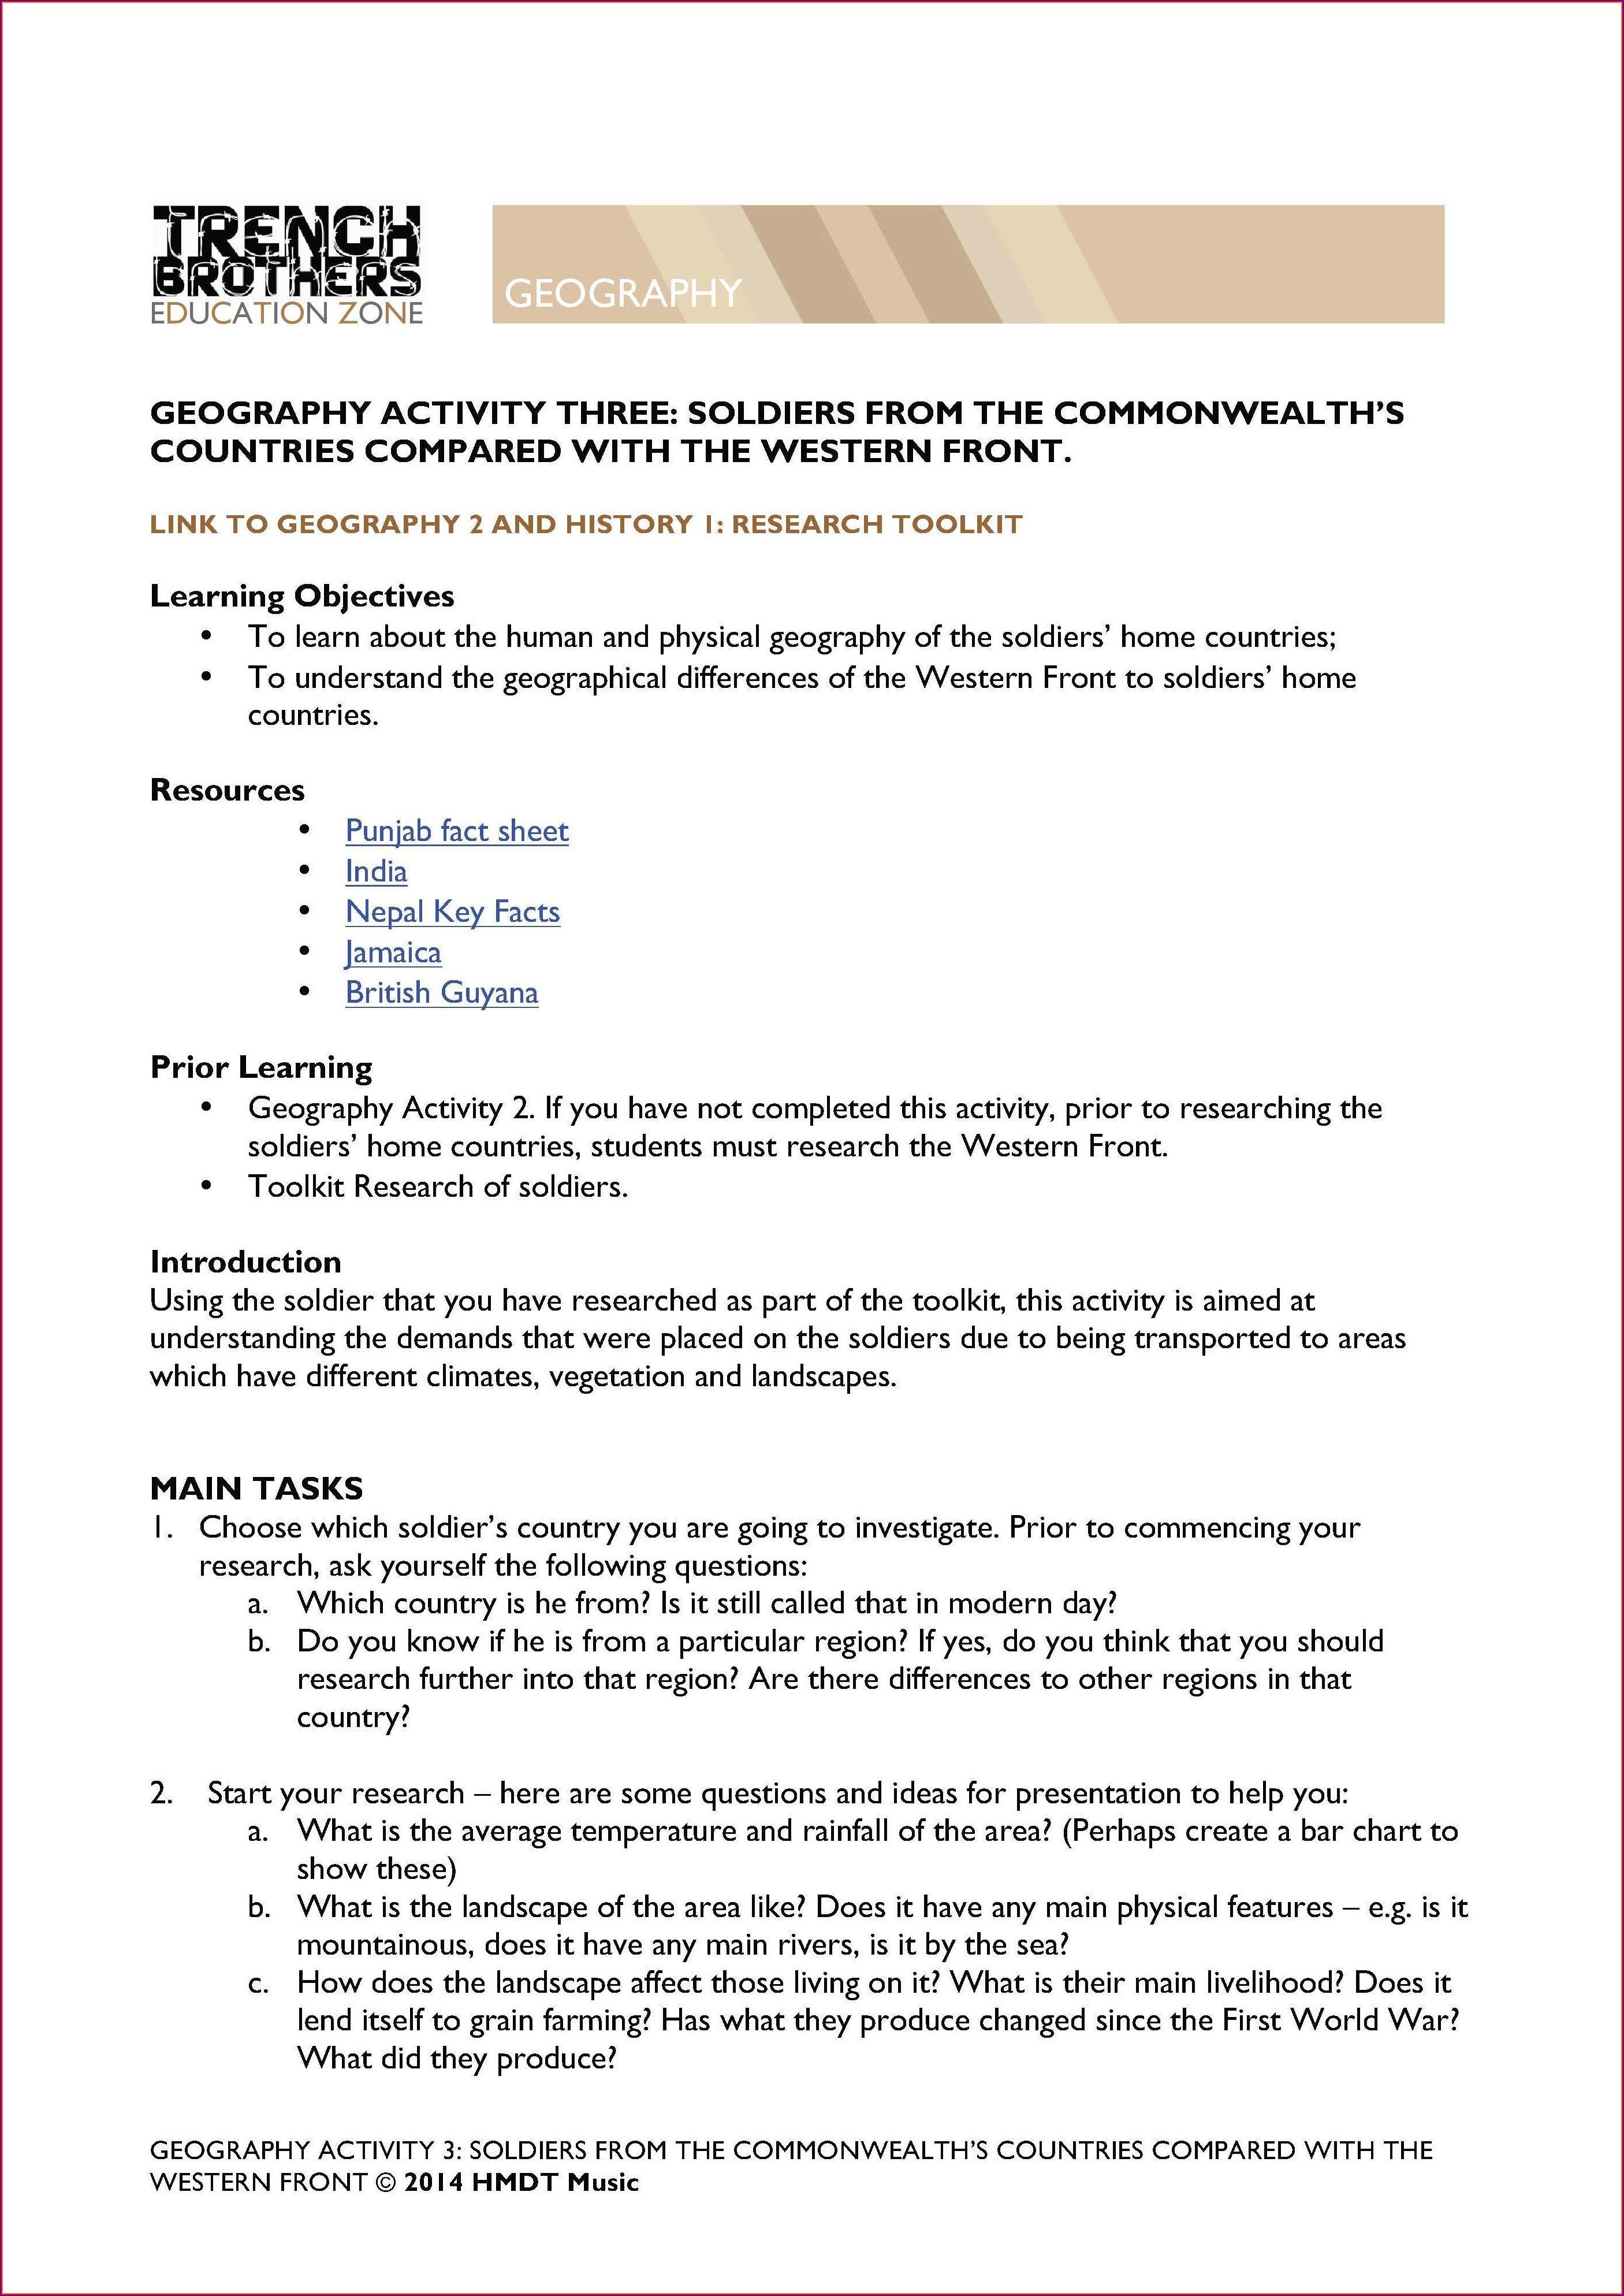 Super Teacher Worksheets Cardinal Directions